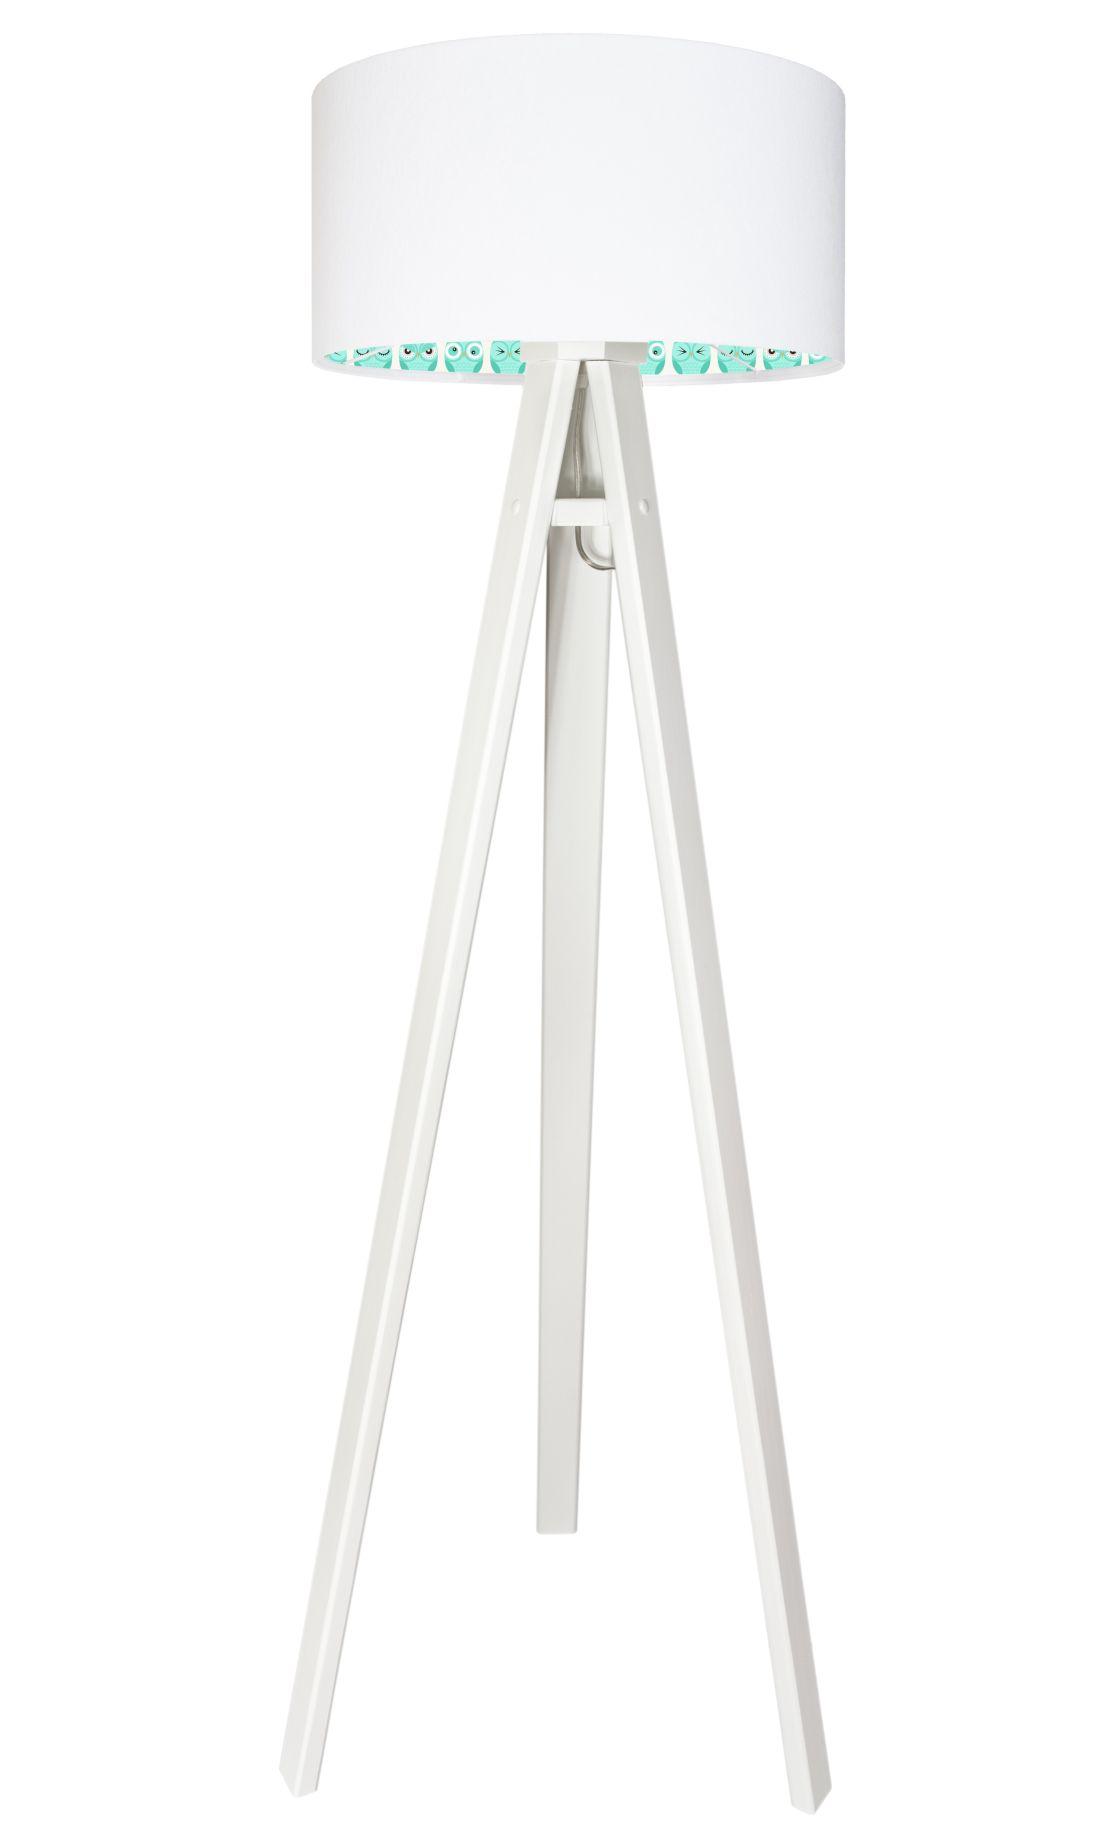 Holz Stehlampe Weiß Eulen Kinder Dreibein 140cm Lampe